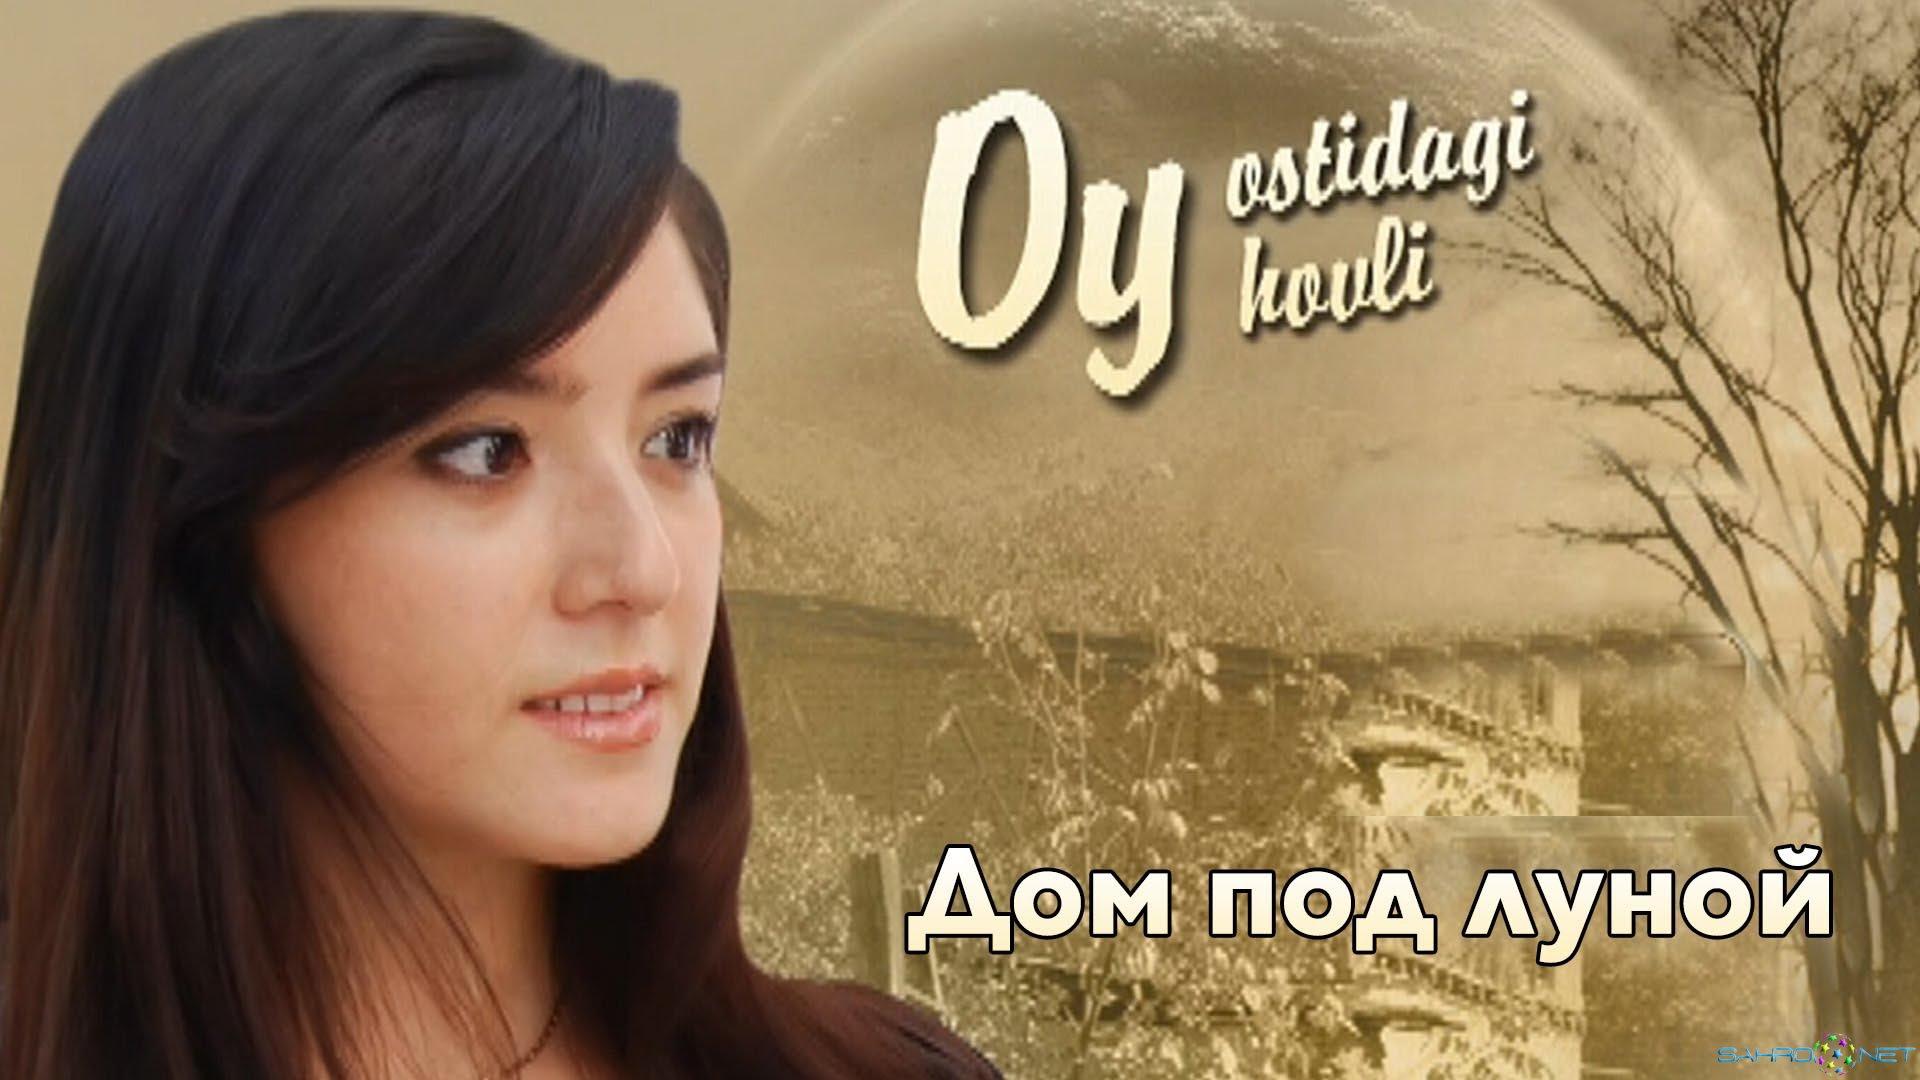 Oy Ostidagi Hovli дом под луной 2008 узбекский фильм на русском